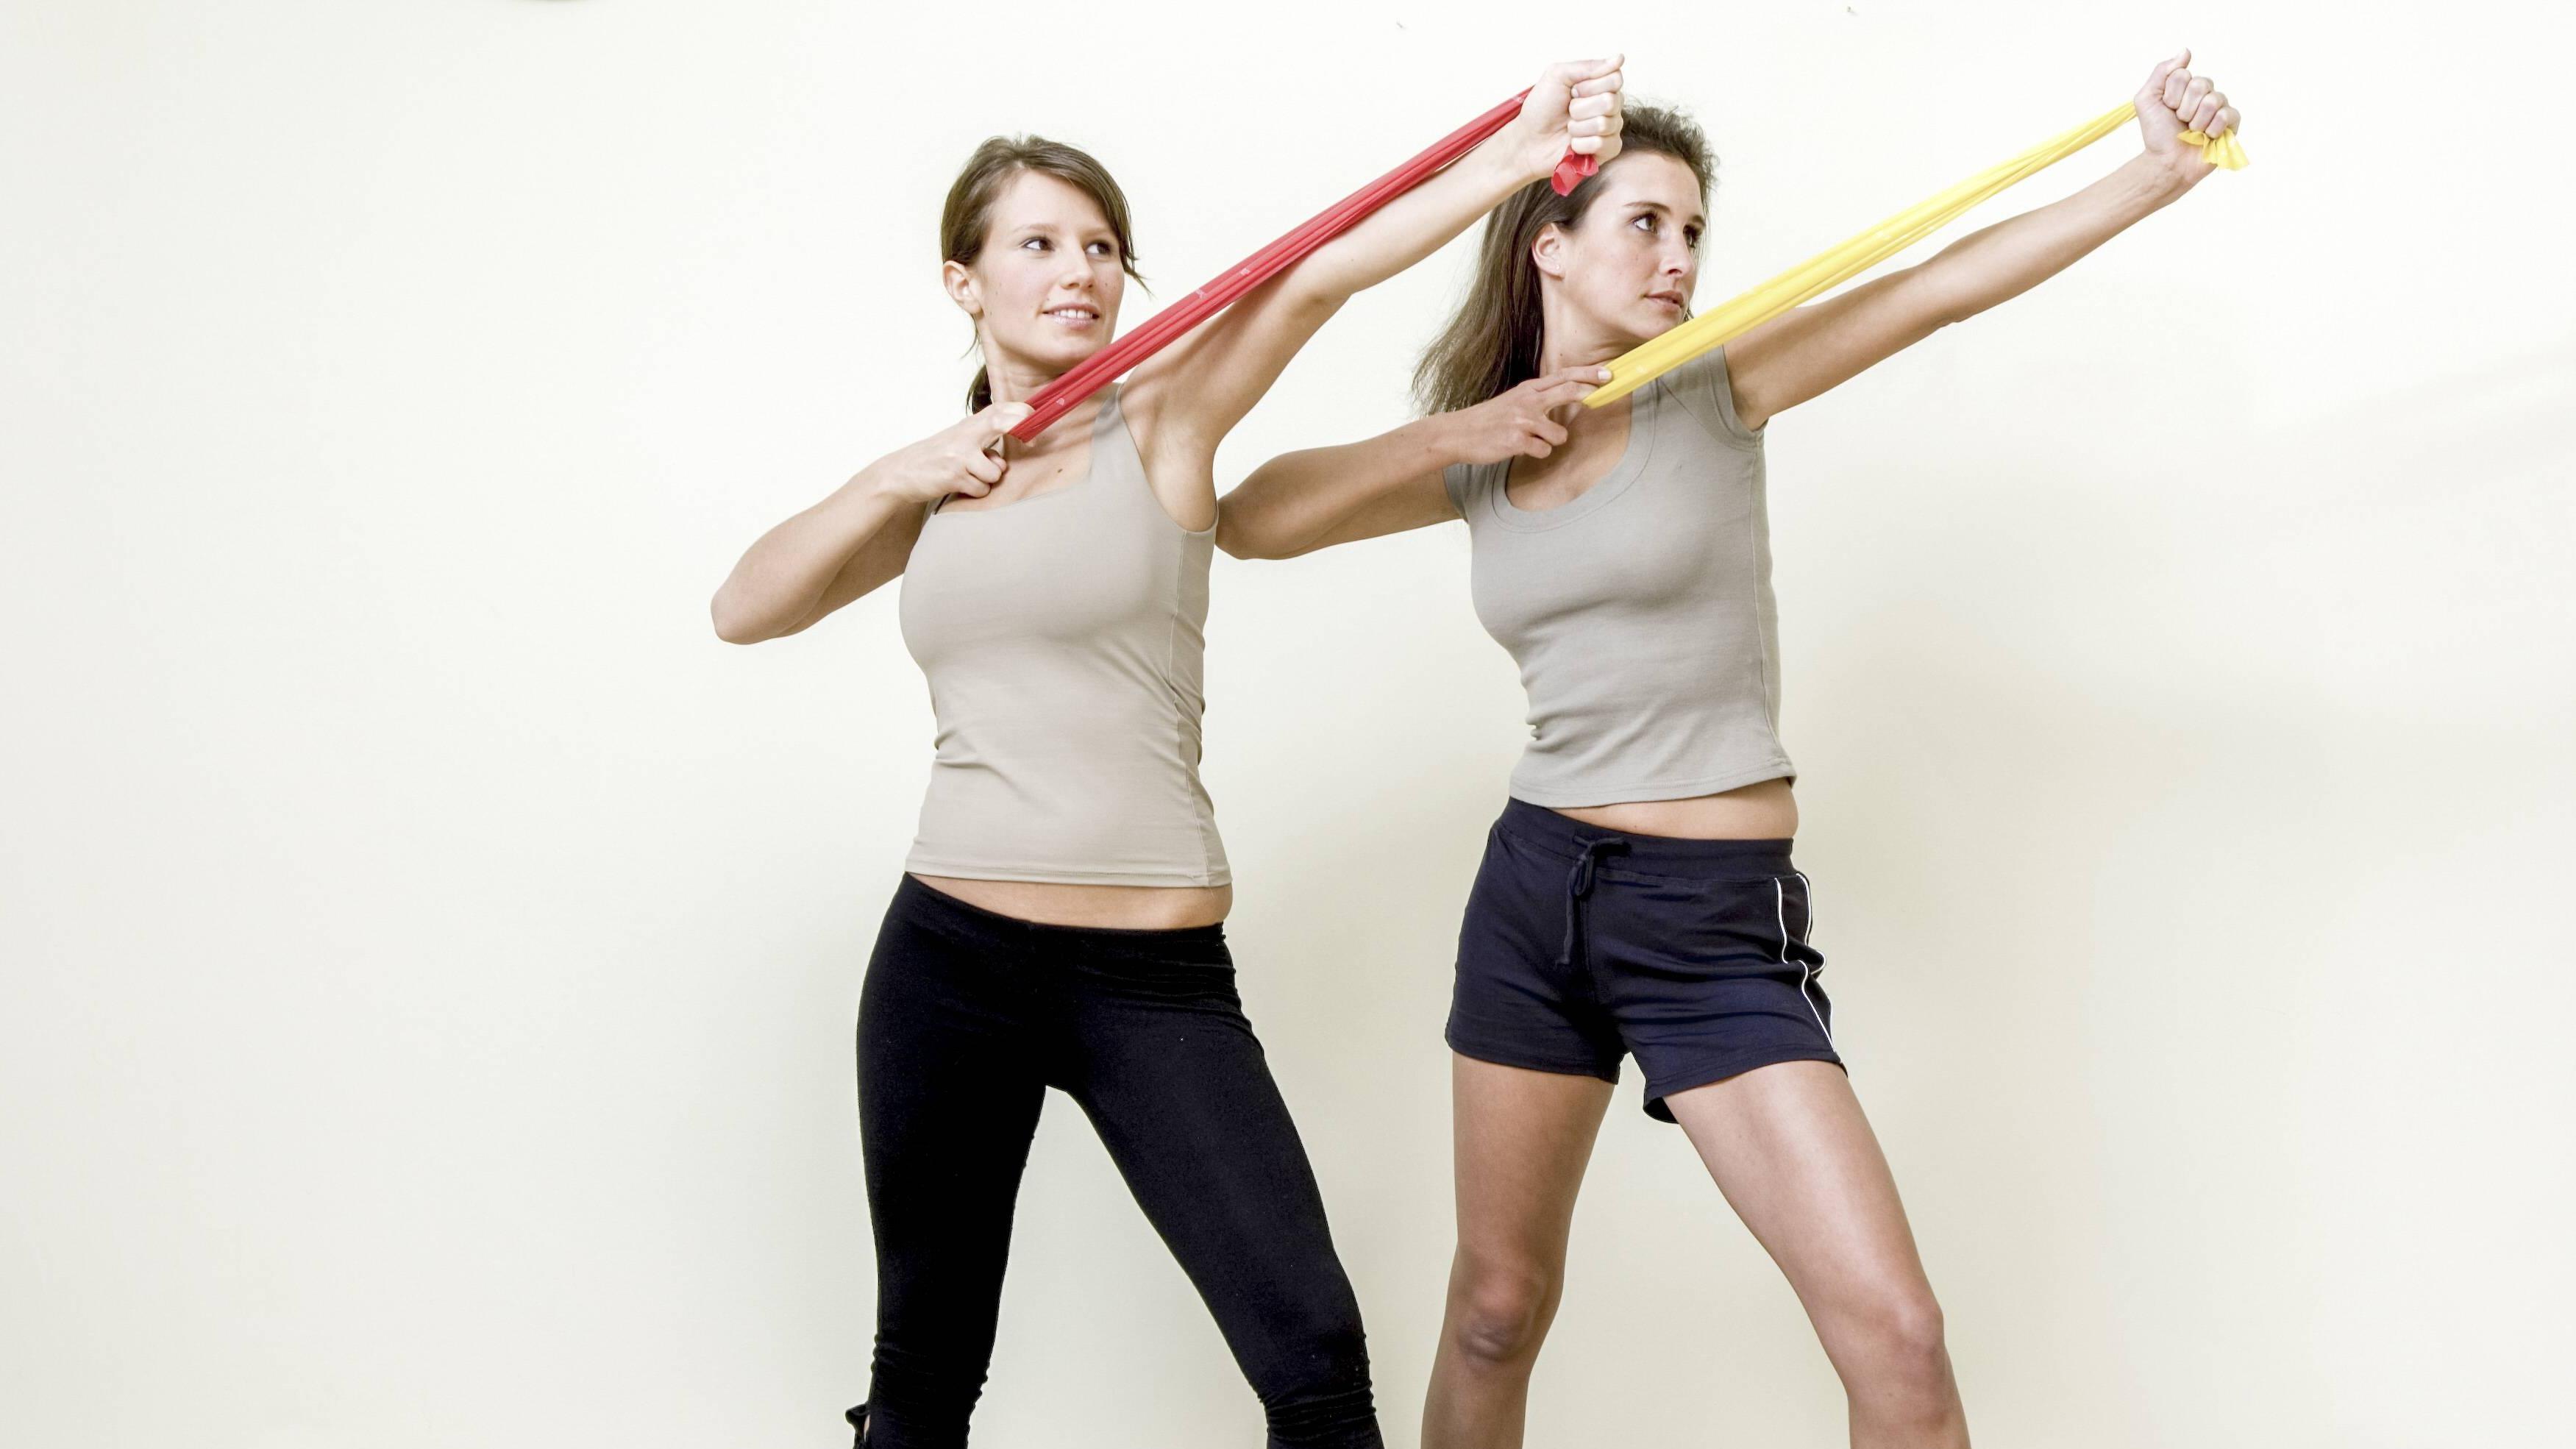 Übungen mit Fitnessbändern: 5 Trainingsmethoden für den ganzen Körper